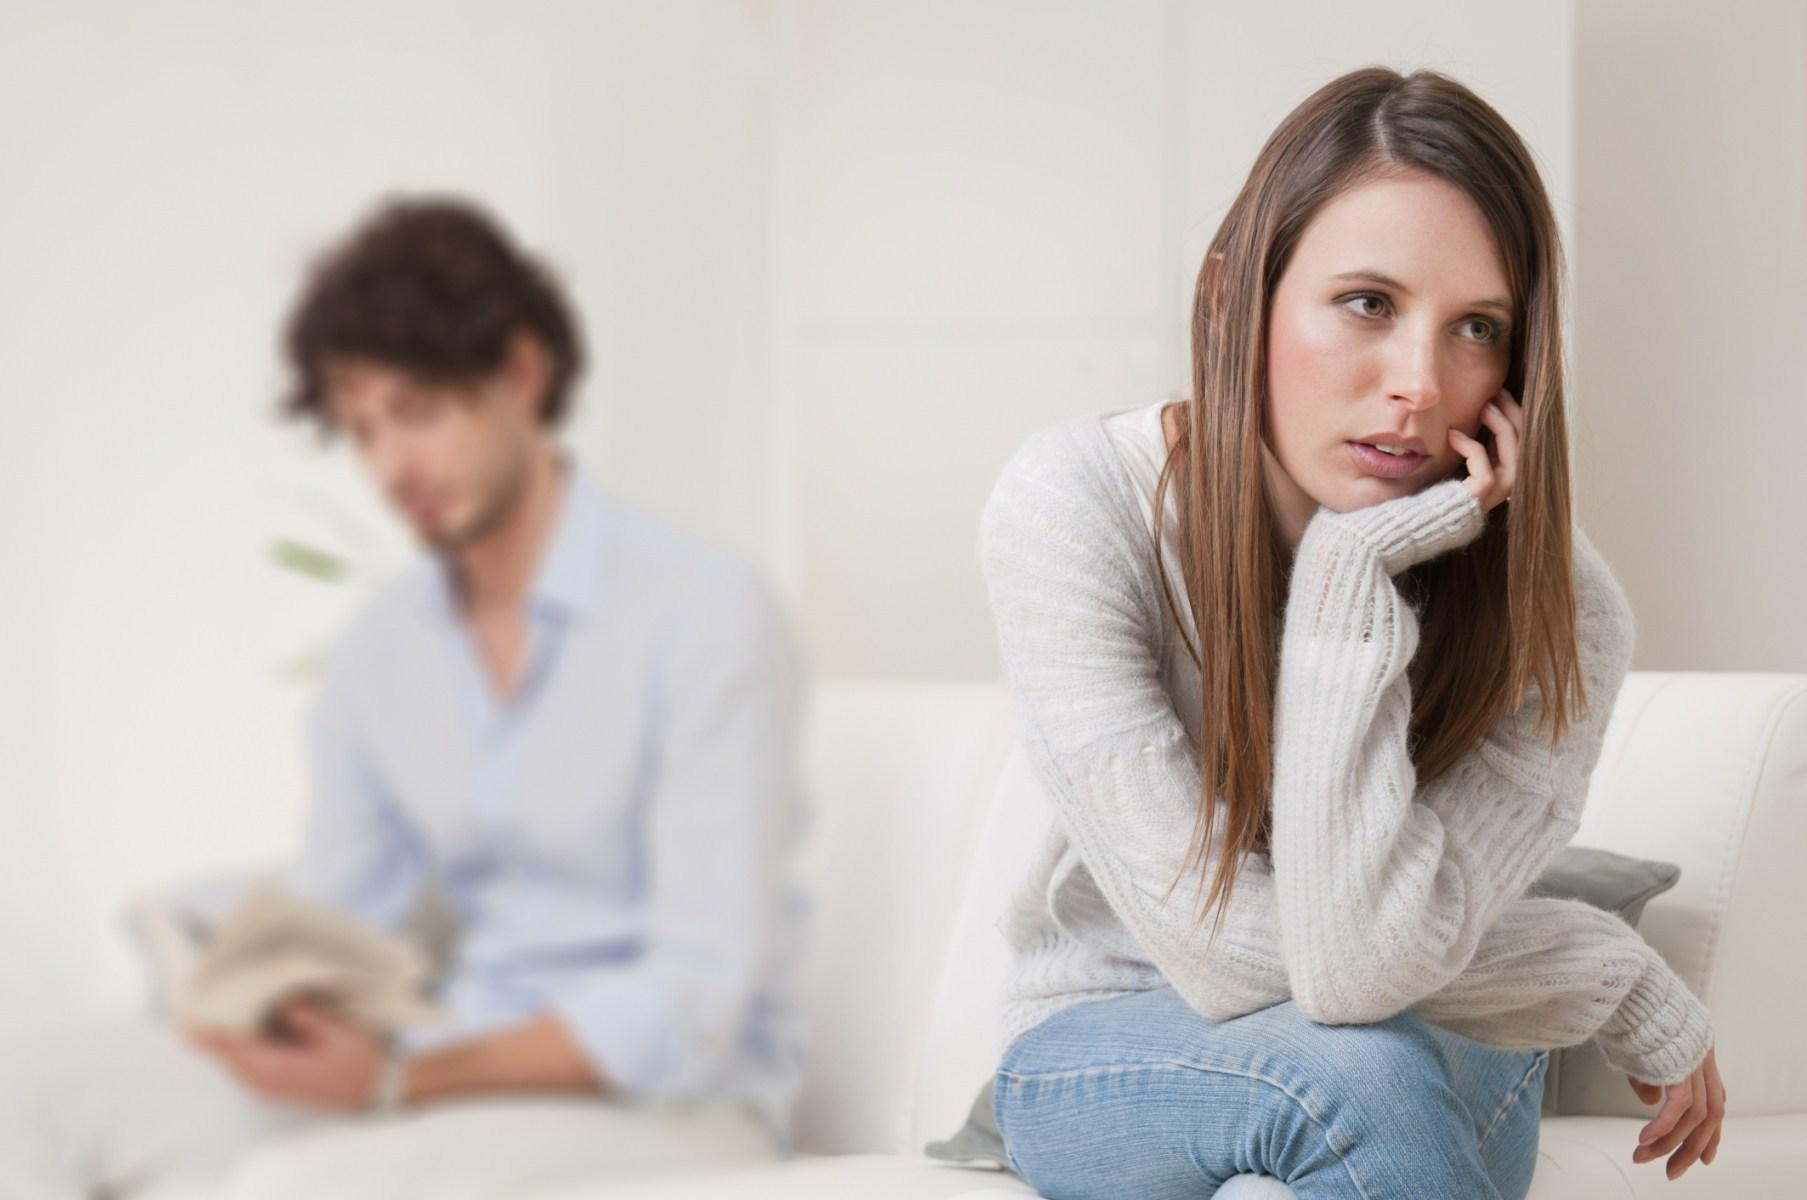 Jika Kamu Sudah Merasakan 5 Hal Ini, Sebaiknya Jangan Lanjutkan Hubungan Itu